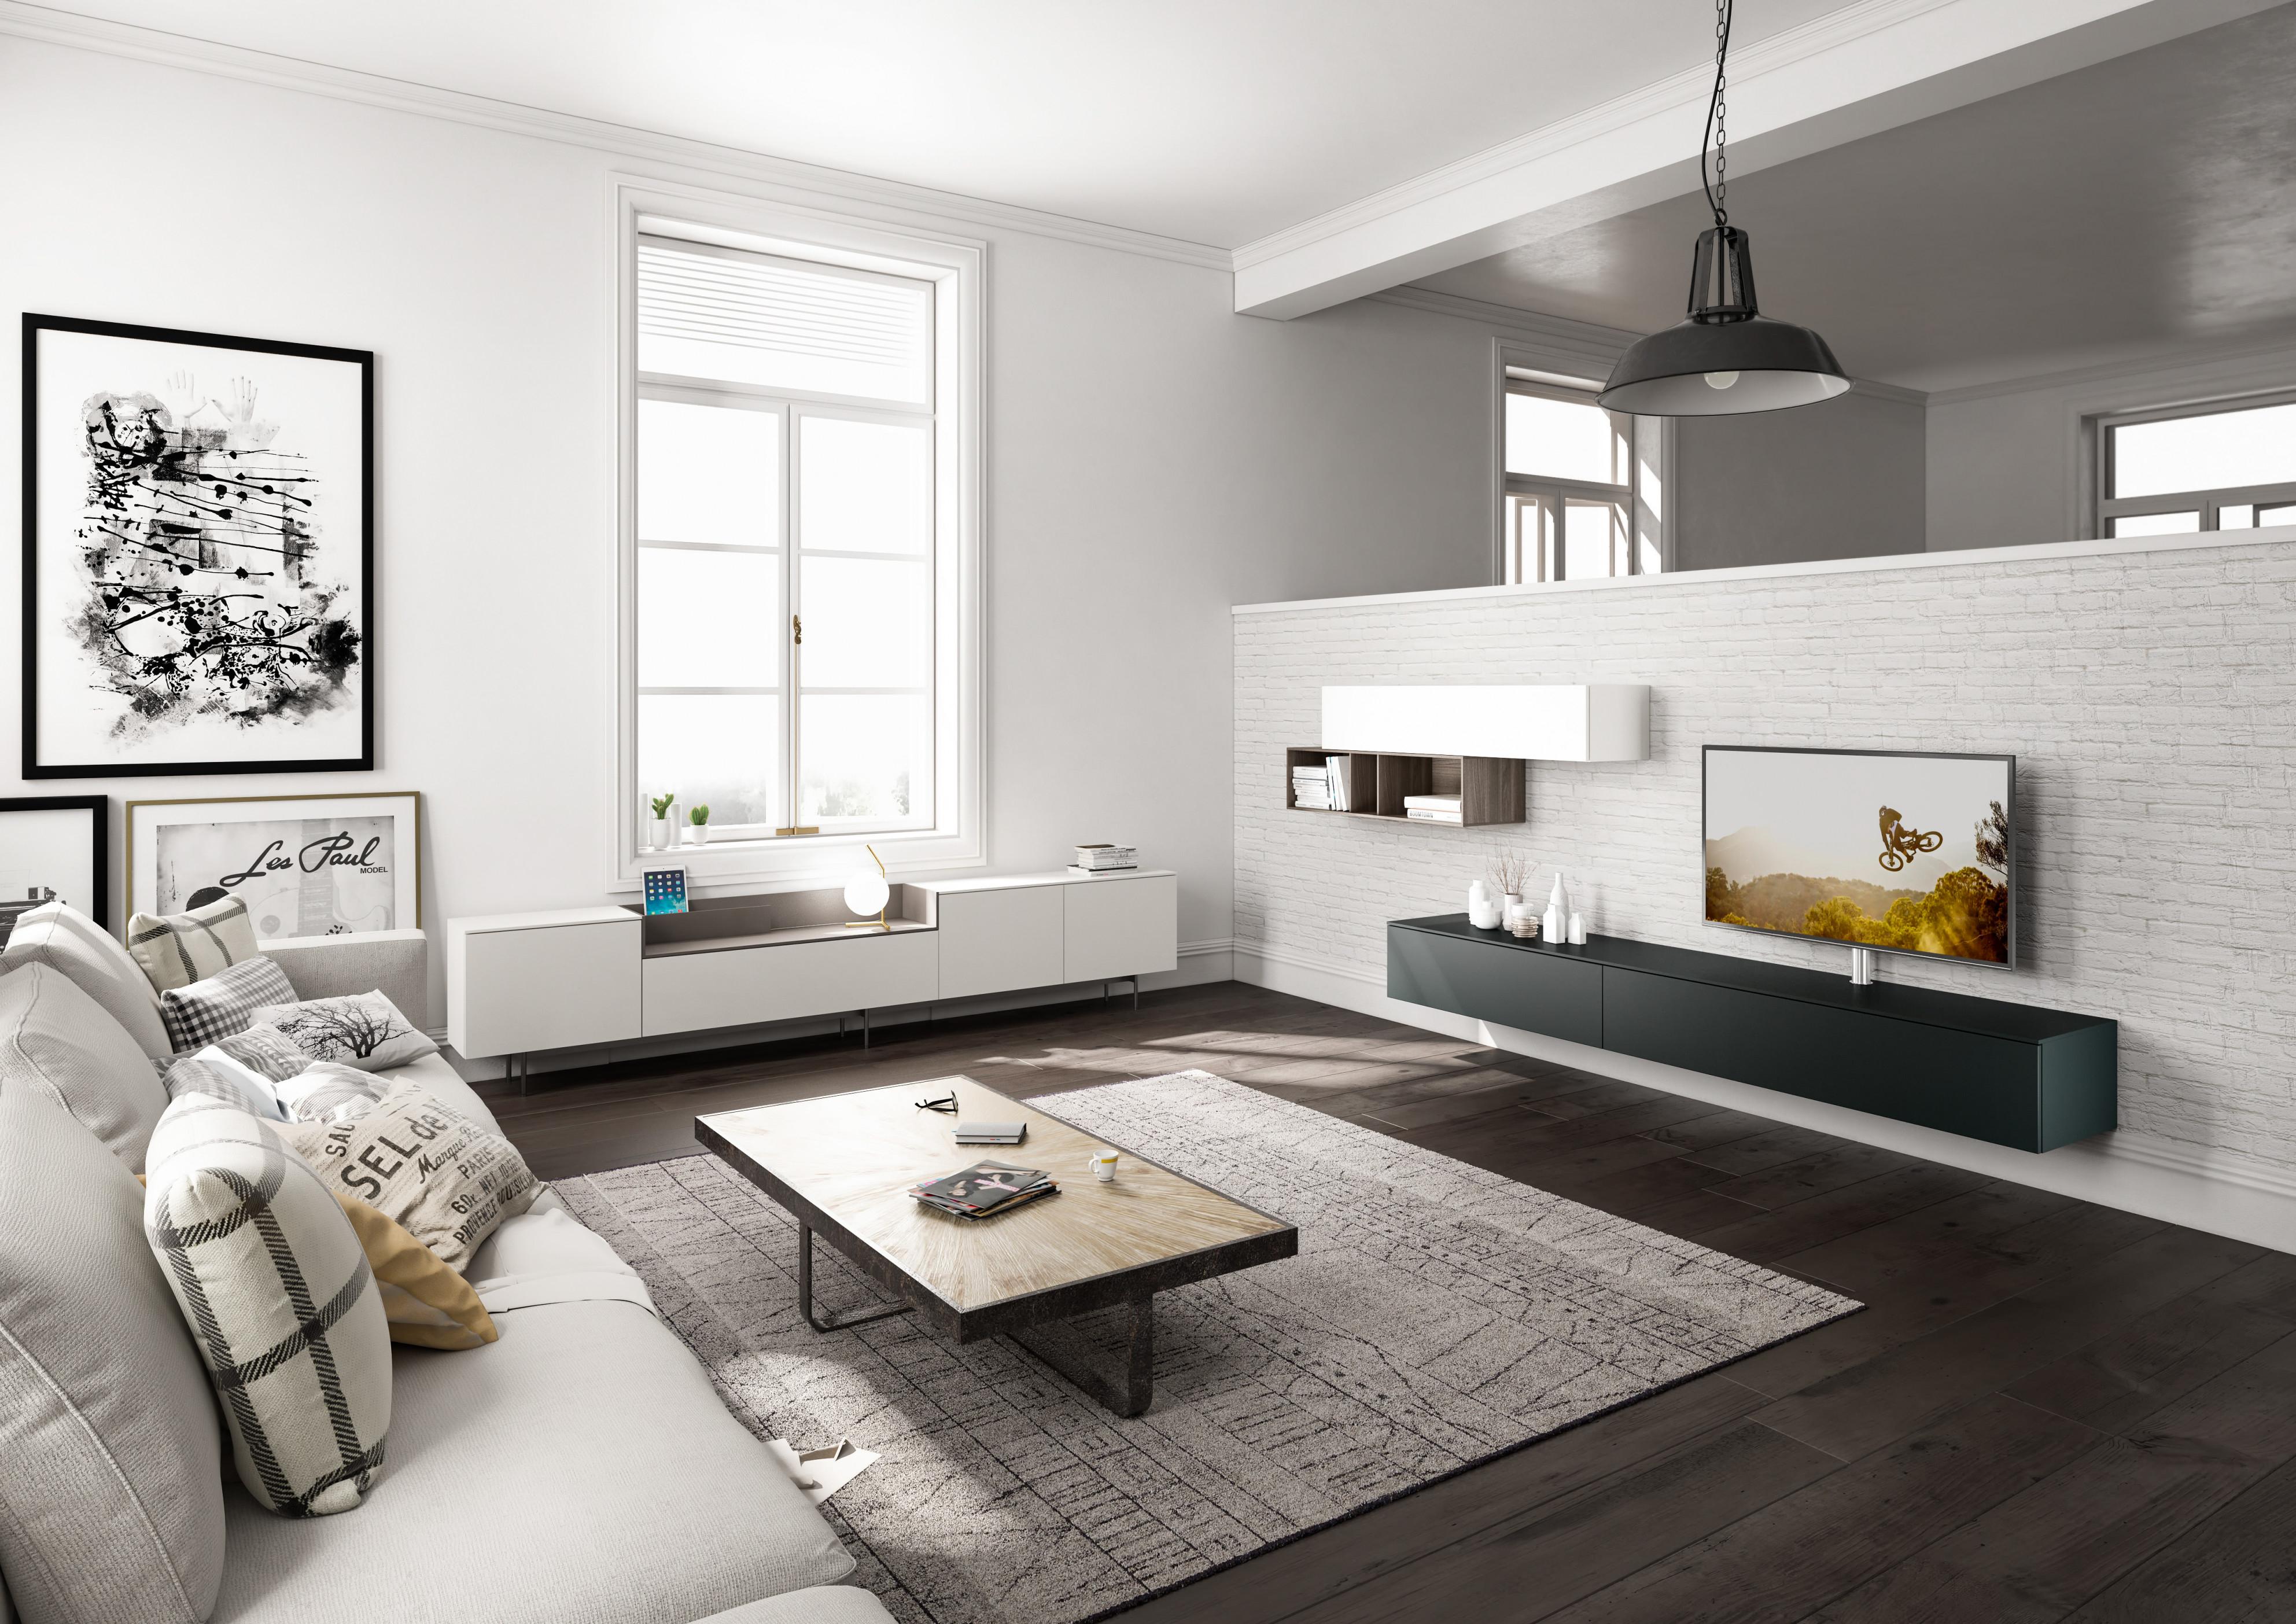 Wohnzimmergestaltung – Die Besten Ideen Tipps  Wohnbeispiele von Gestaltung Wohnzimmer Ideen Photo